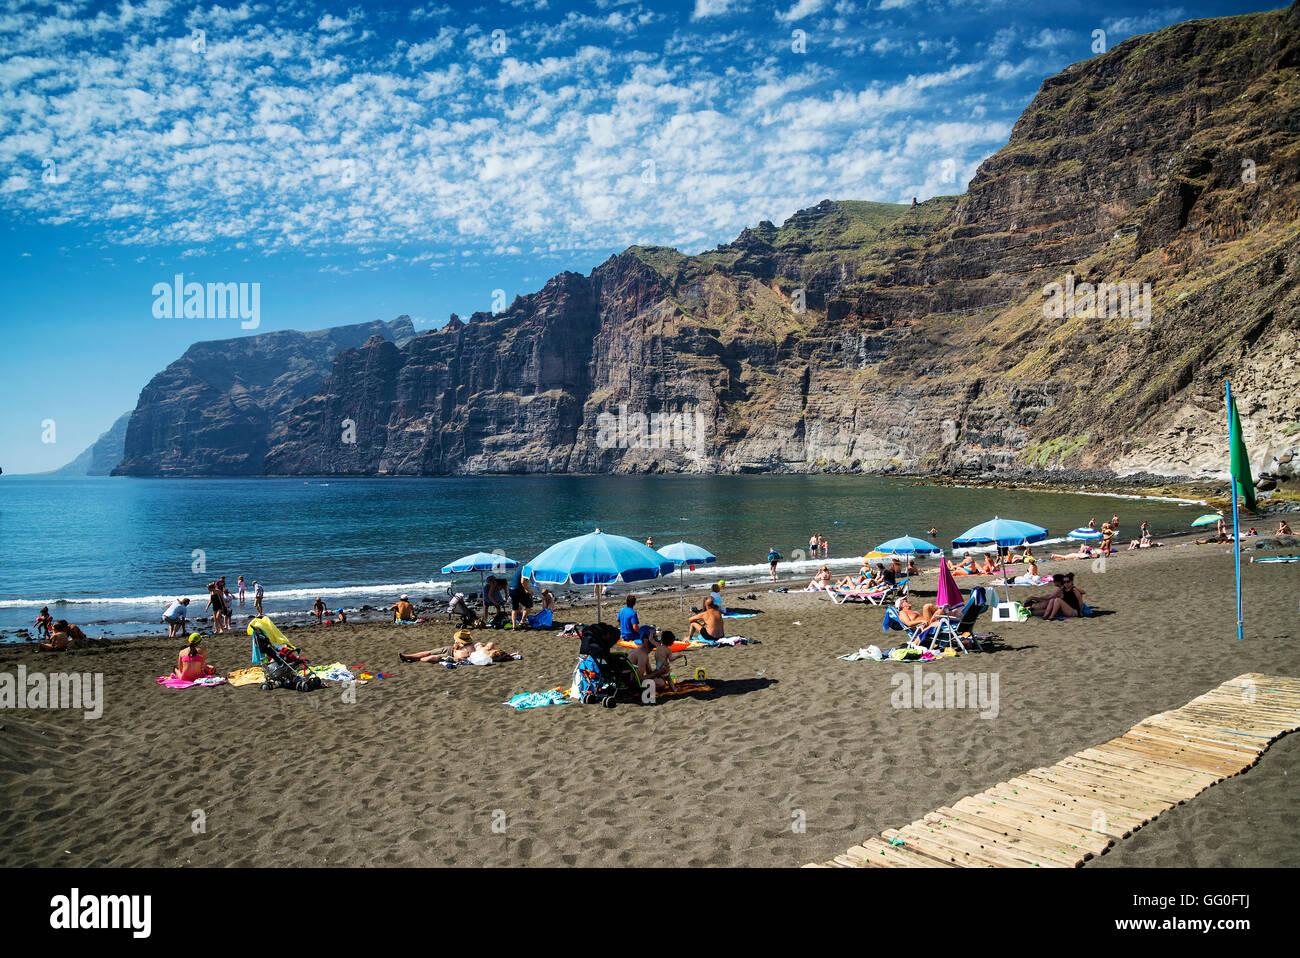 Los turistas en la playa de los gigantes de la isla de Tenerife sur hito en españa Imagen De Stock